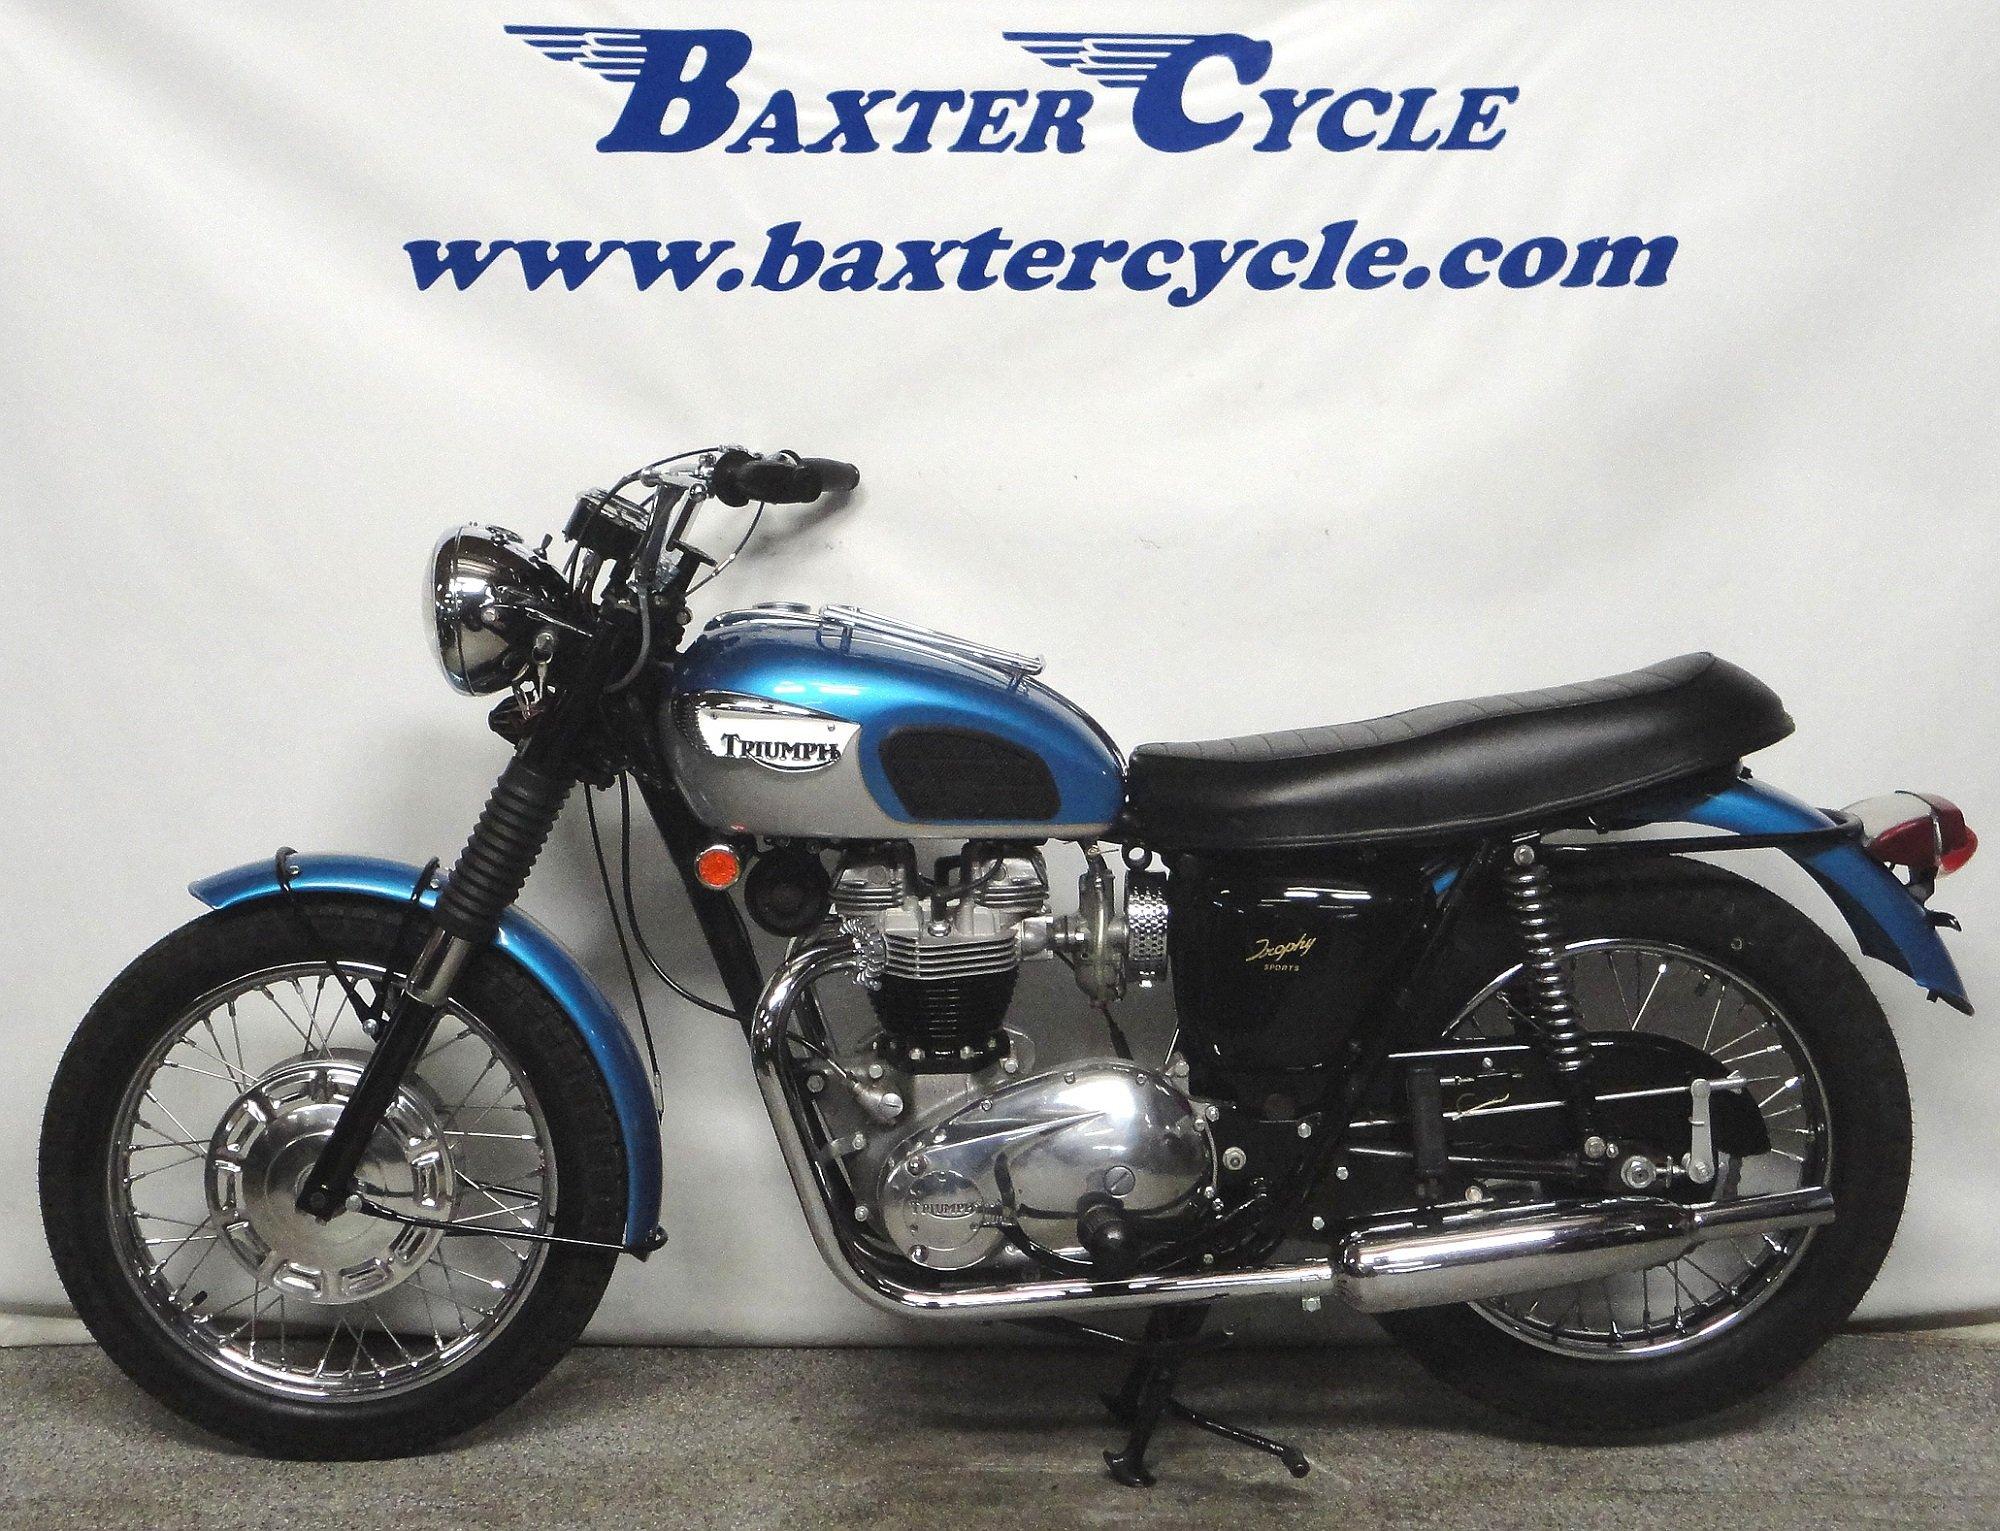 1968 Triumph Tr6r Trophy Sports Baxter Cycle